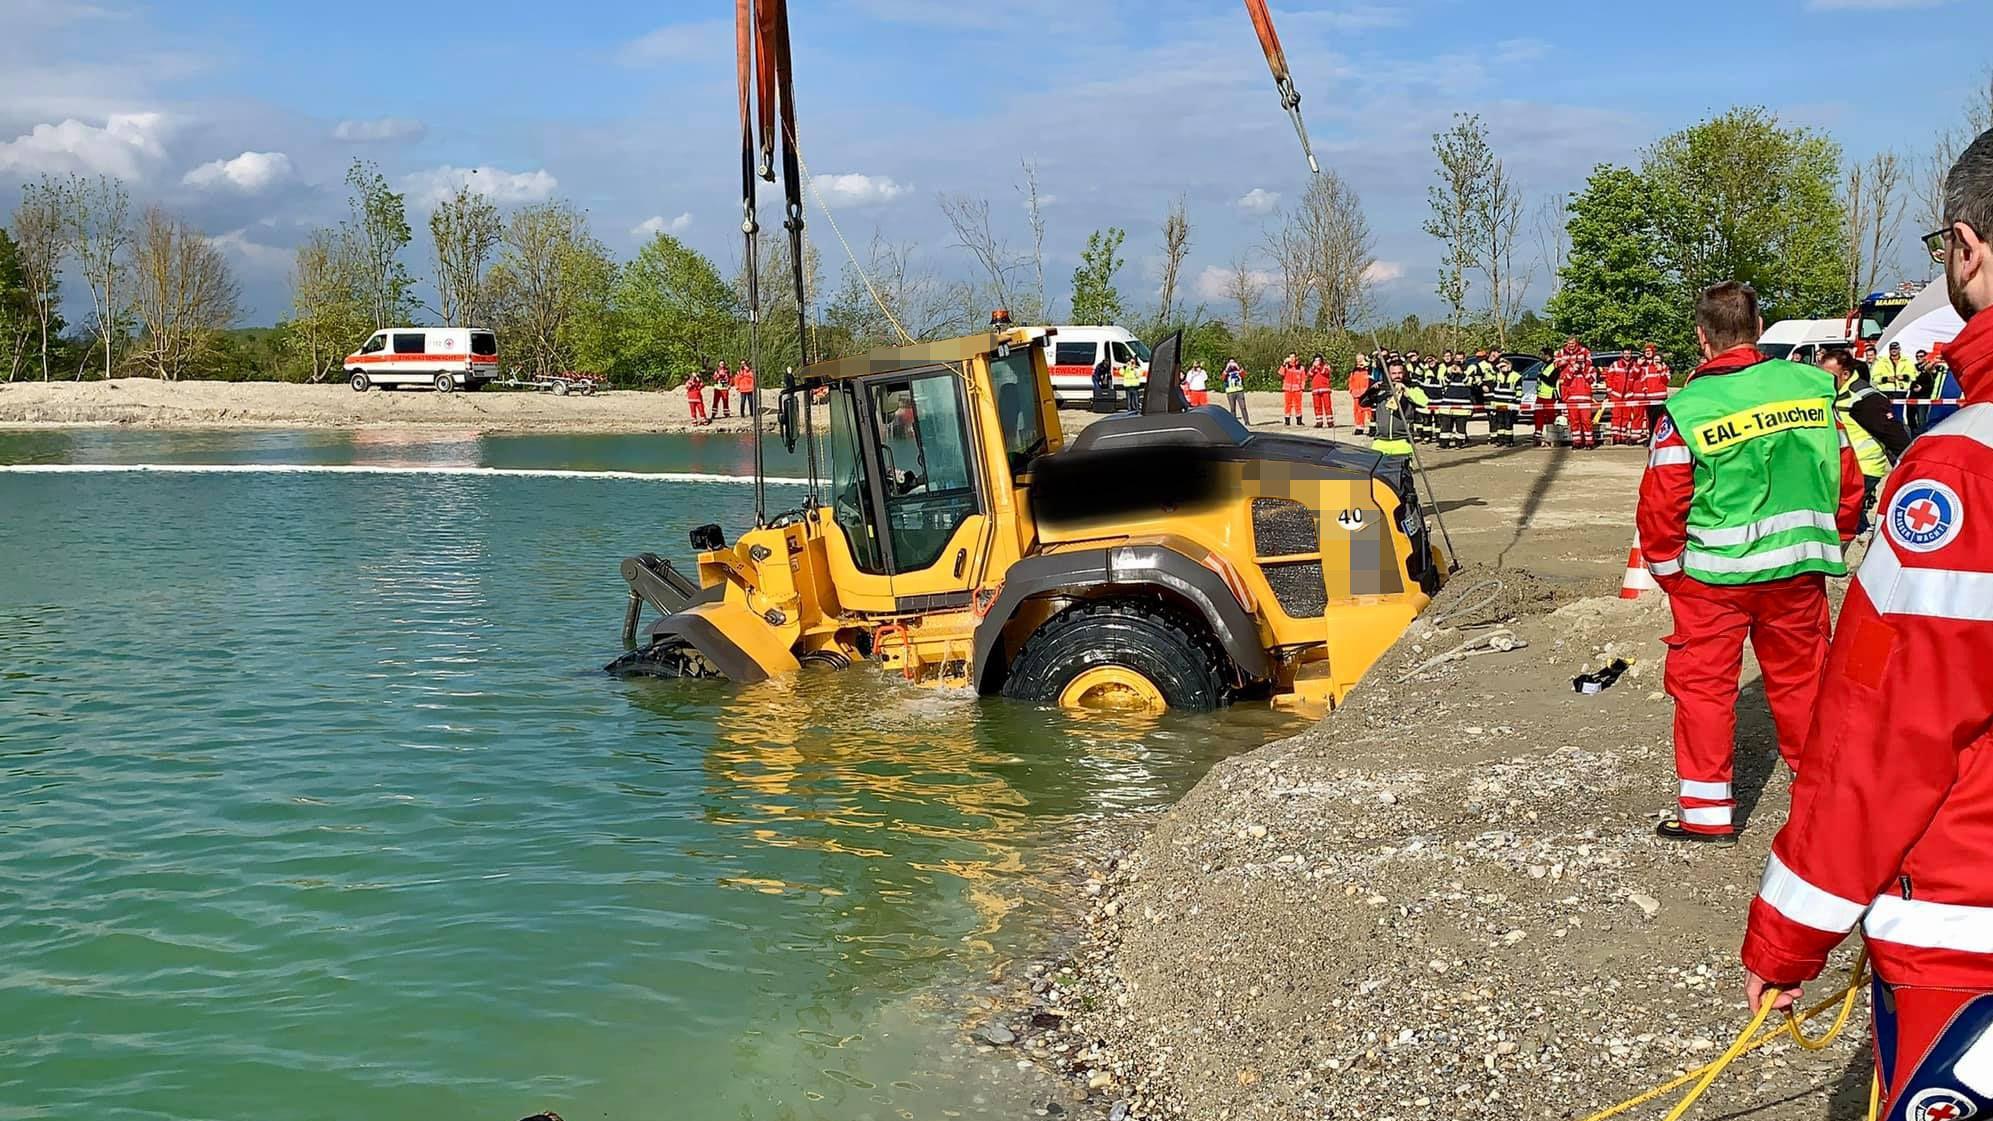 Weil bei dem Unfall Öl und Diesel in das Wasser gelangt sind, wird gegen den Fahrer des Laders jetzt ermittelt.